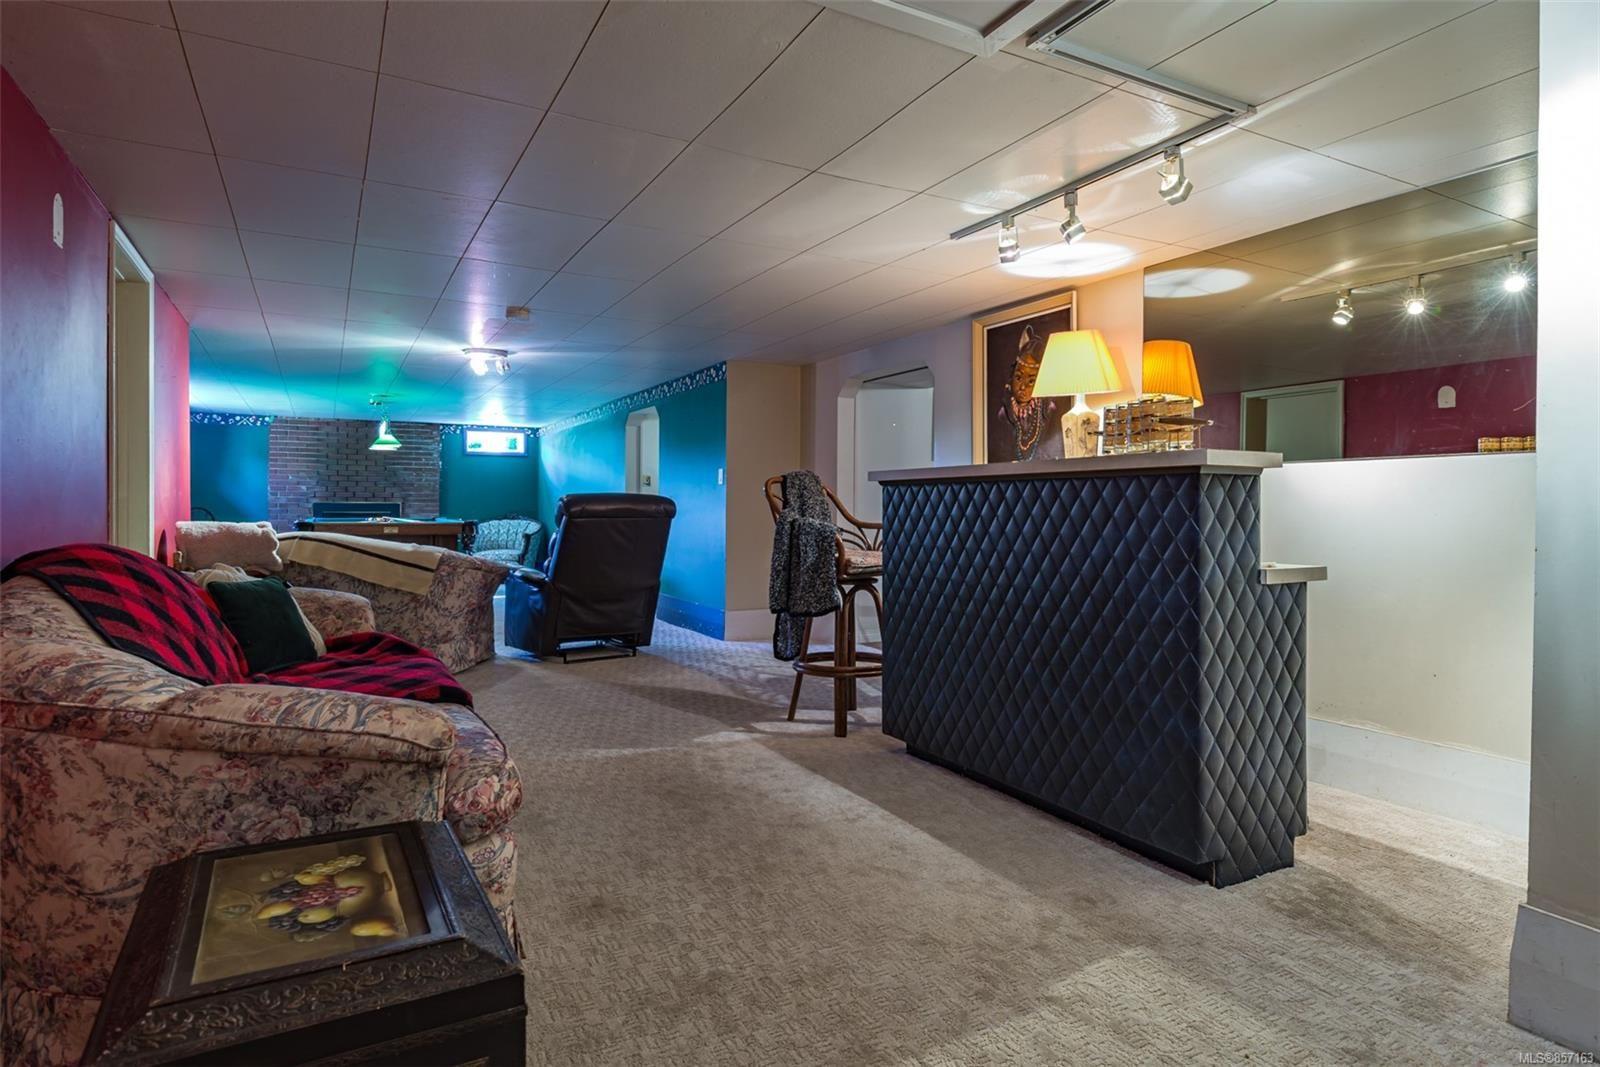 Photo 34: Photos: 4241 Buddington Rd in : CV Courtenay South House for sale (Comox Valley)  : MLS®# 857163